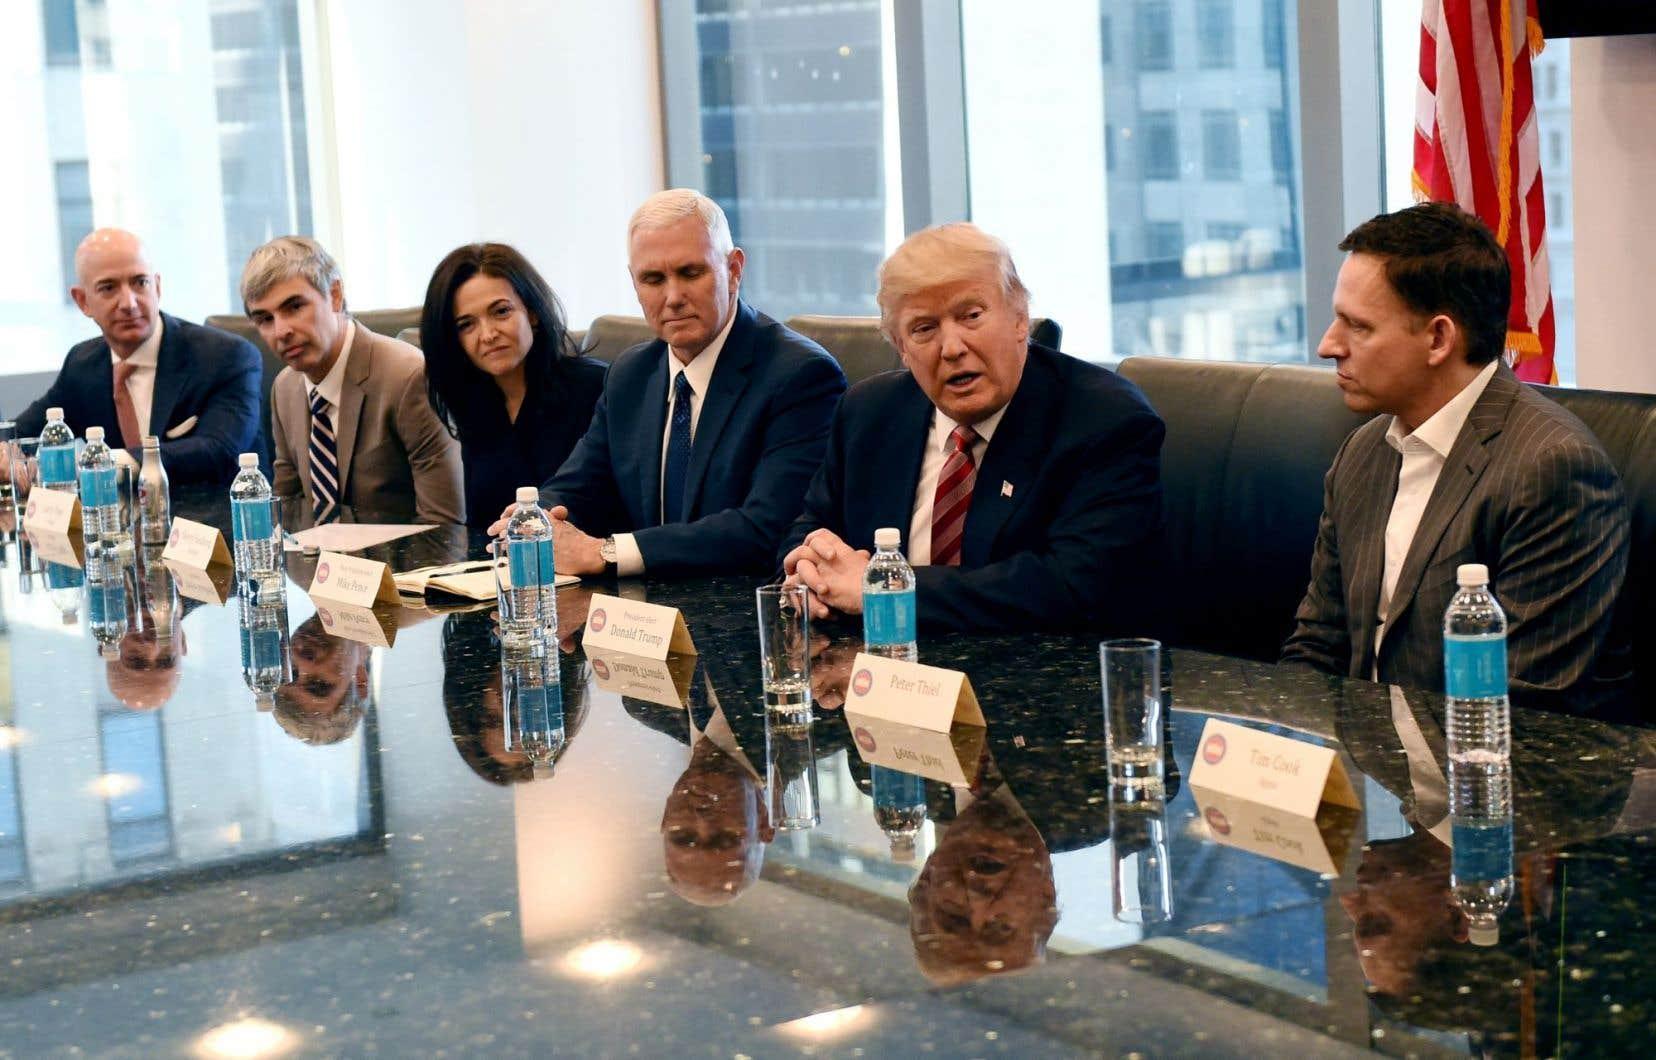 Donald Trump a rencontré Jeff Bezos d'Amazon, Larry Page d'Alphabet (Google), Sheryl Sandberg de Facebook, le vice-président élu Mike Pence et Peter Thiel de PayPal, mercredi, à la tour Trump de la 5e Avenue, à New York.